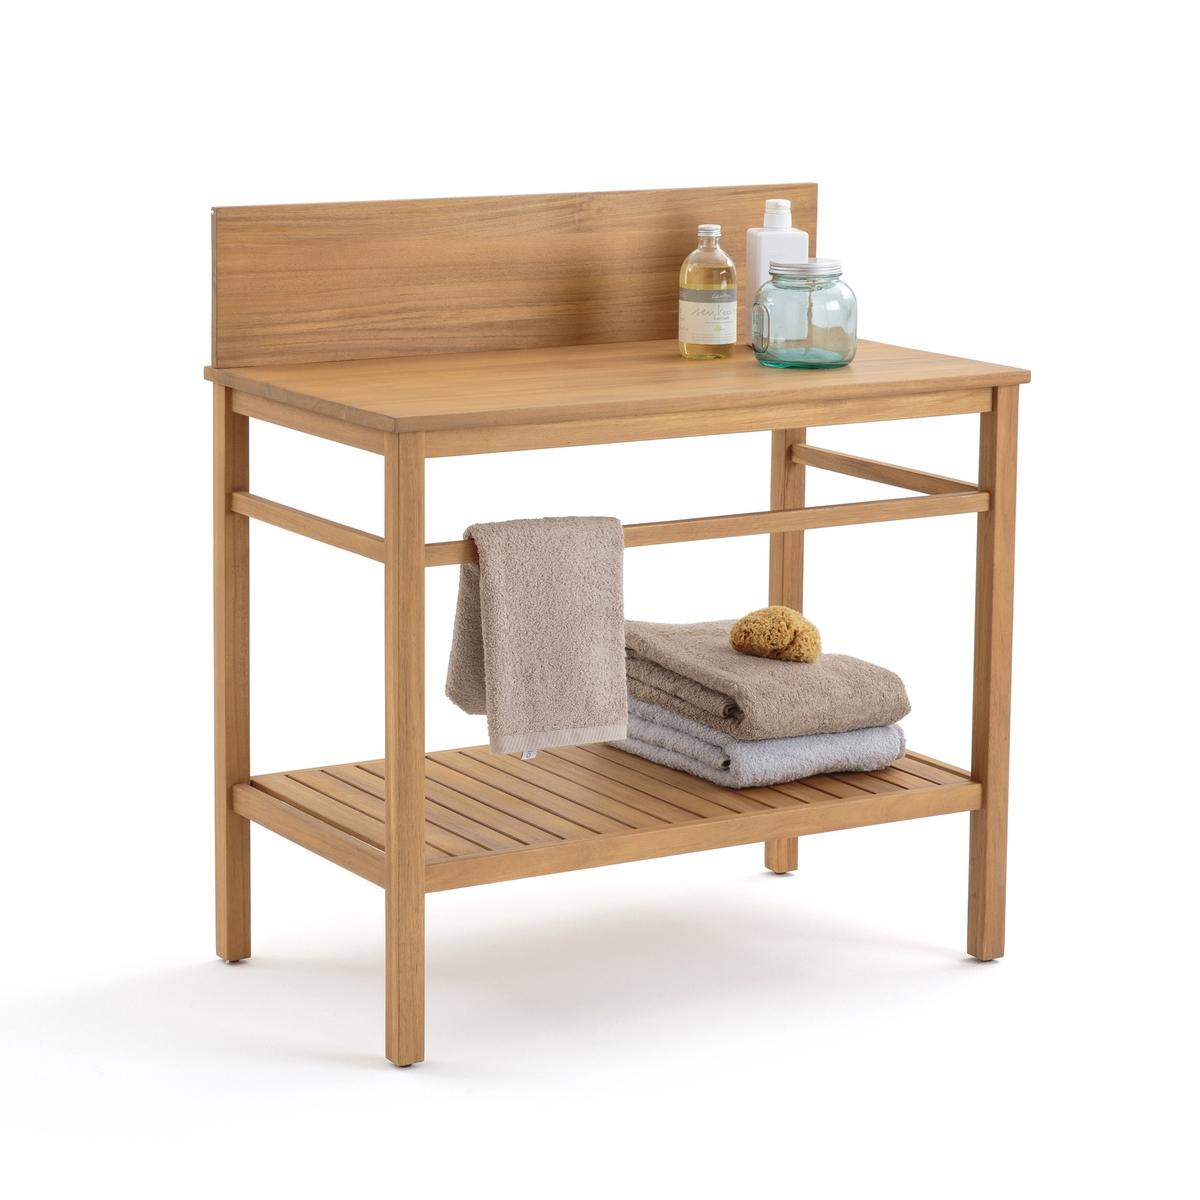 Мебель La Redoute Для ванной MERCURE из акации единый размер бежевый полка fold the mercure diy